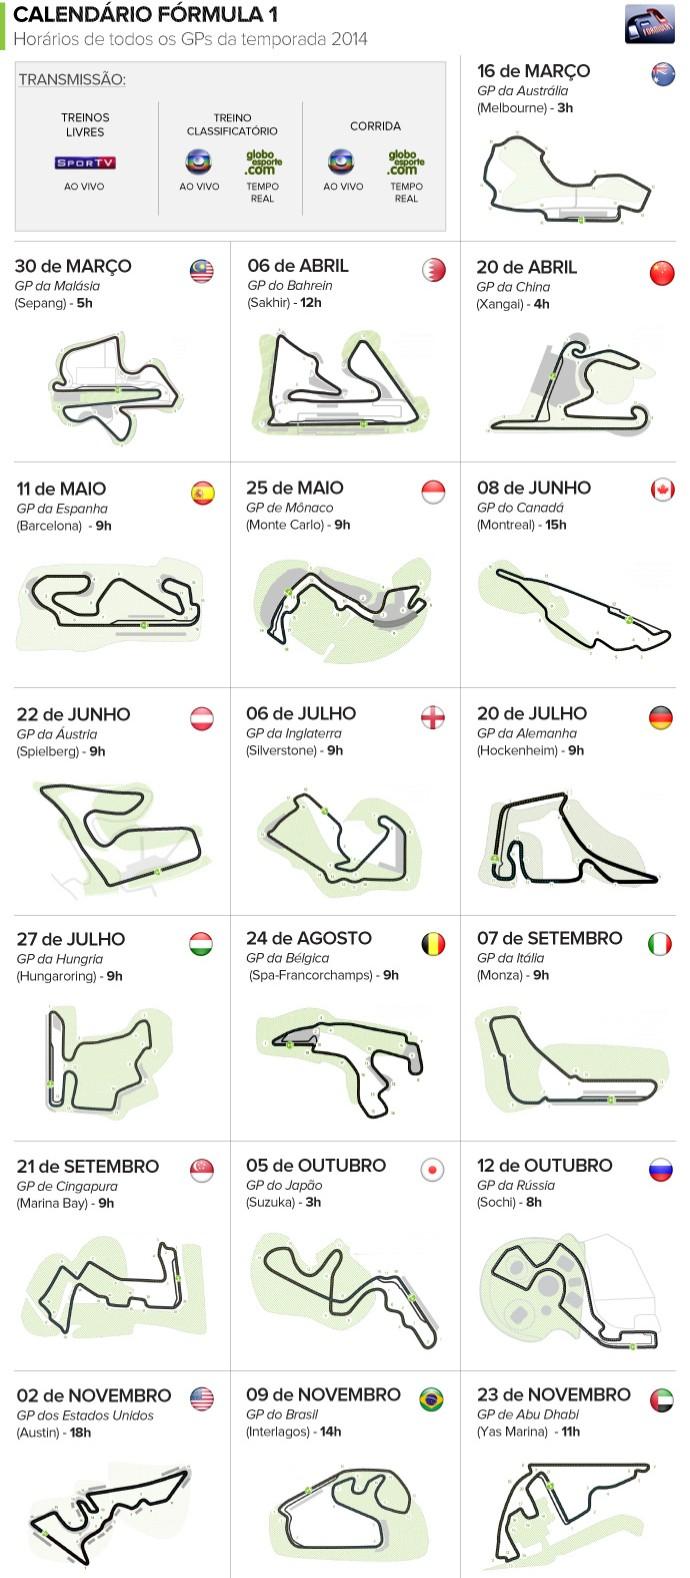 Calendário da Fórmula 1 (Foto: Arte Esporte)